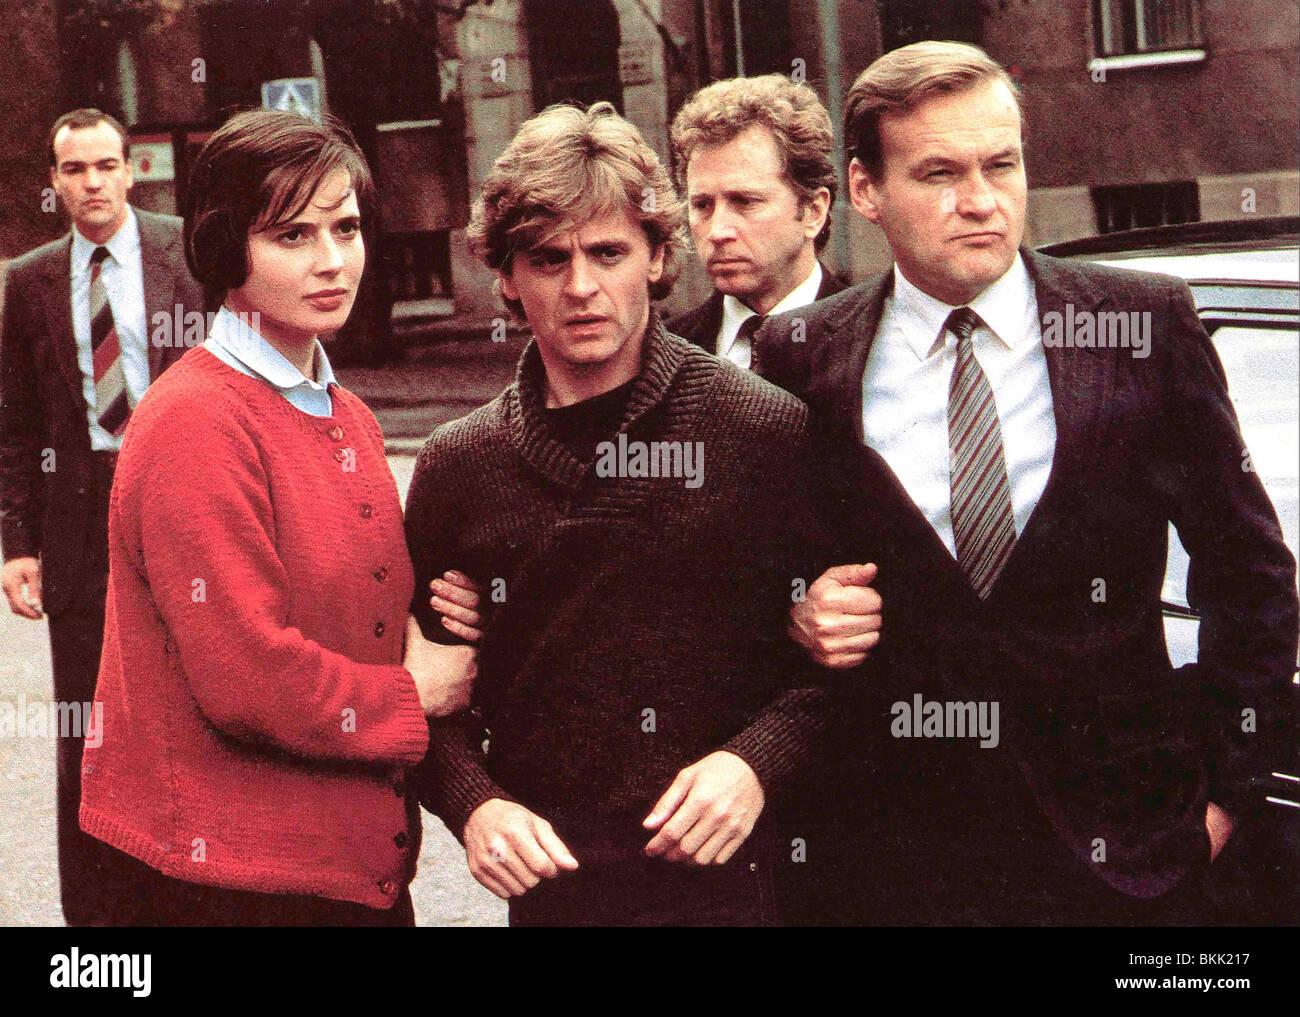 WHITE NIGHTS (1985) ISABELLA ROSSELLINI, MIKHAIL BARYSHNIKOV, JERZY SKOLIMOWSKI WHN 012 FOH - Stock Image